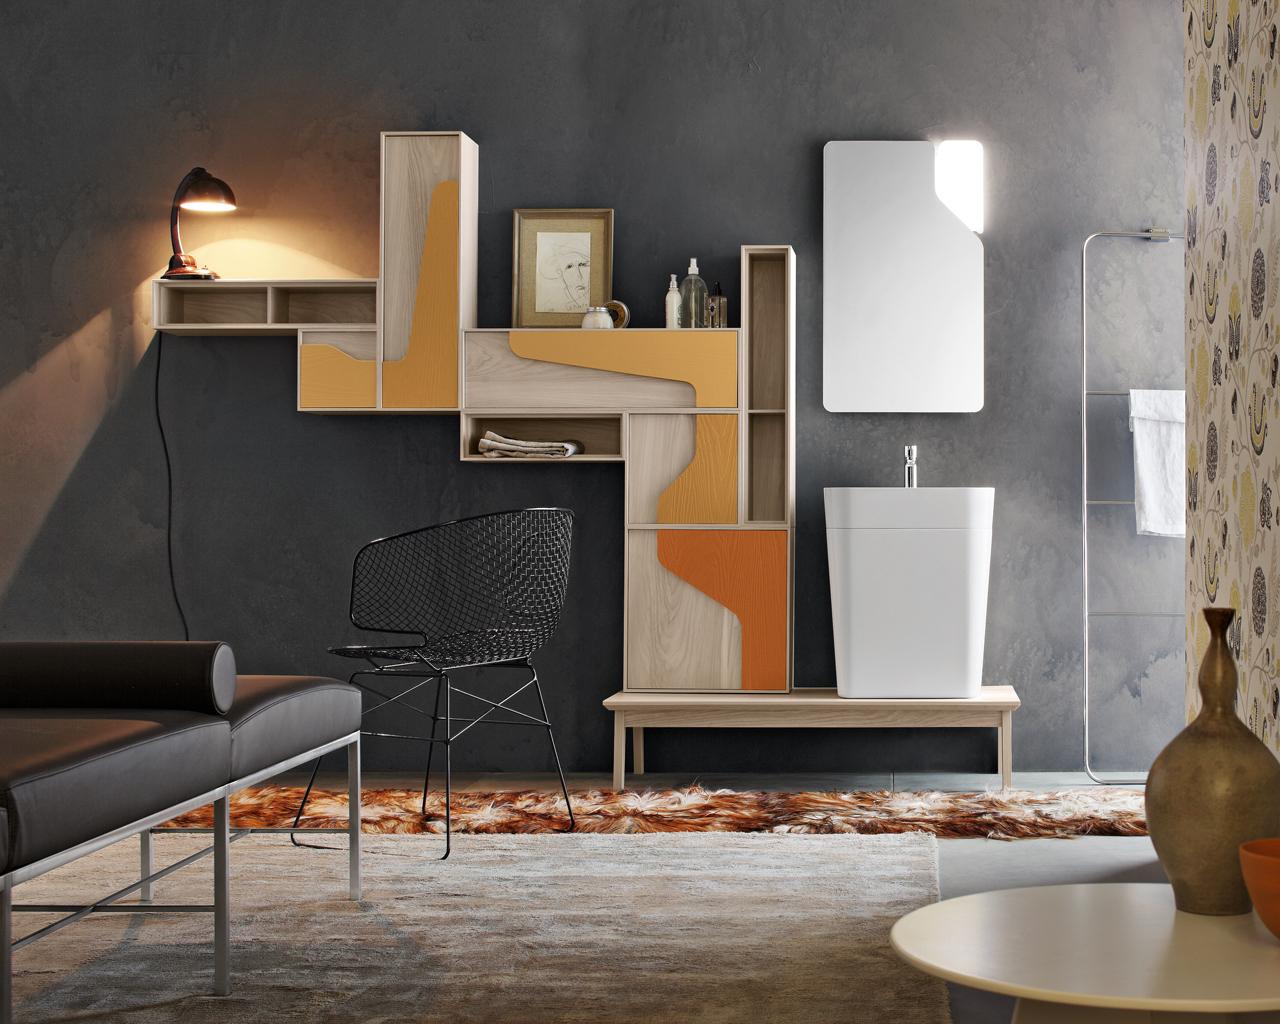 Una stanza da bagno vintage in stile anni 50 - Mobili stile anni 30 ...